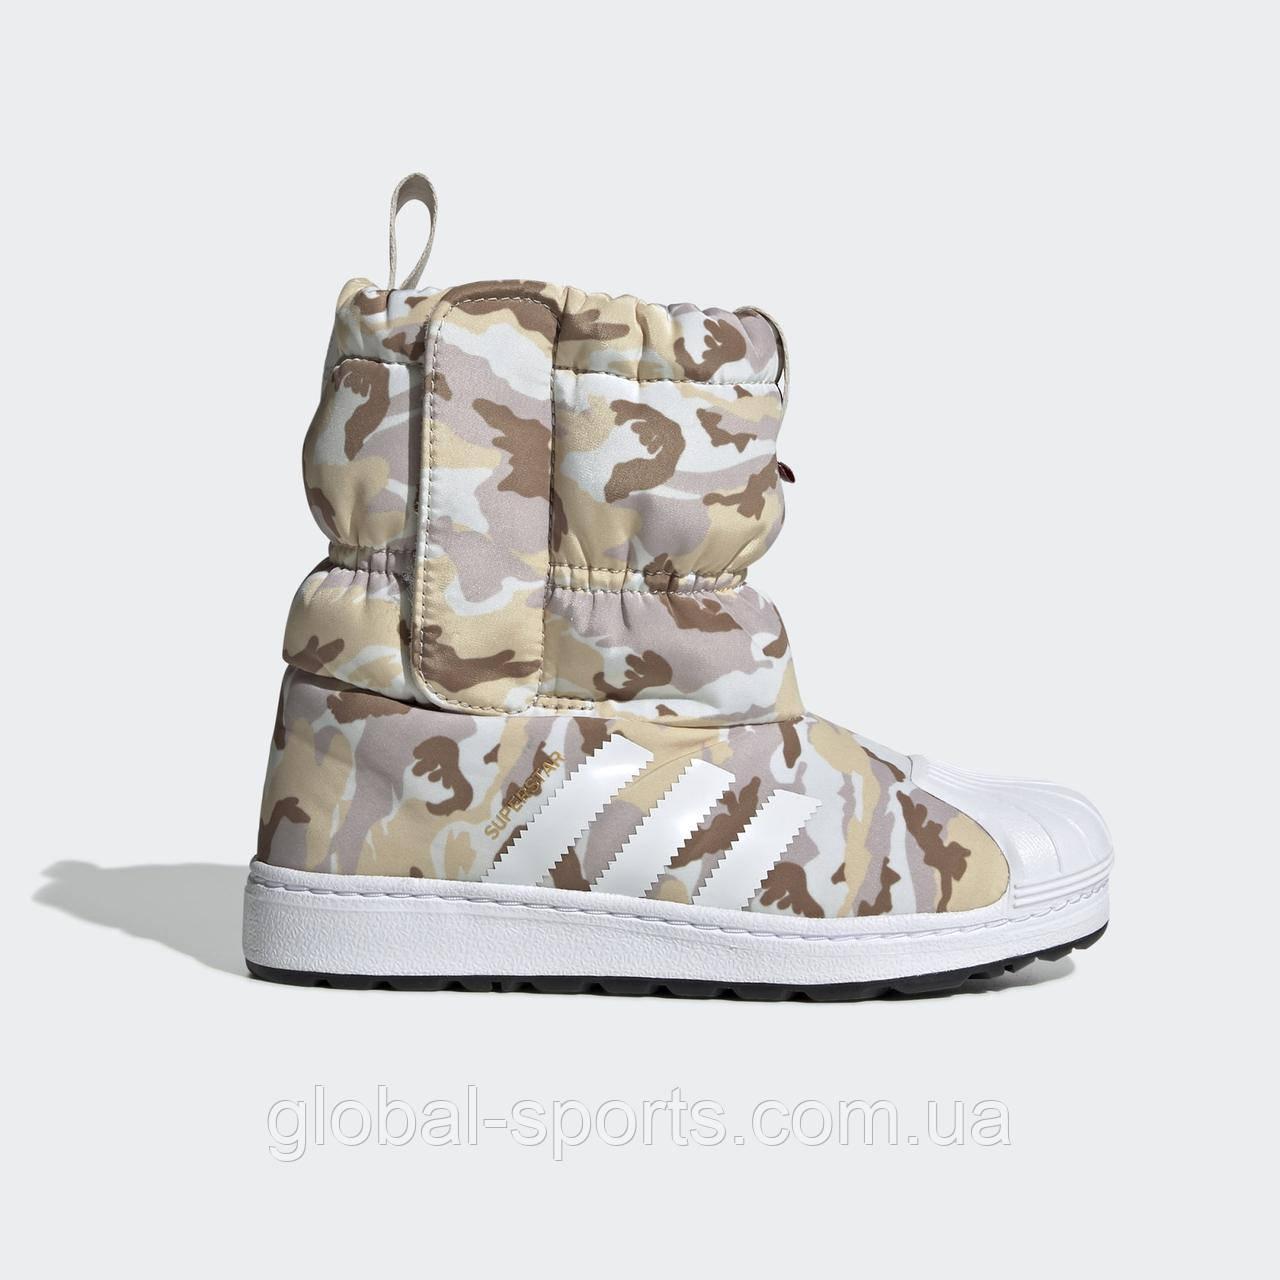 Детские зимние сапоги Adidas Originals Superstar CF C (Артикул: EE7261)